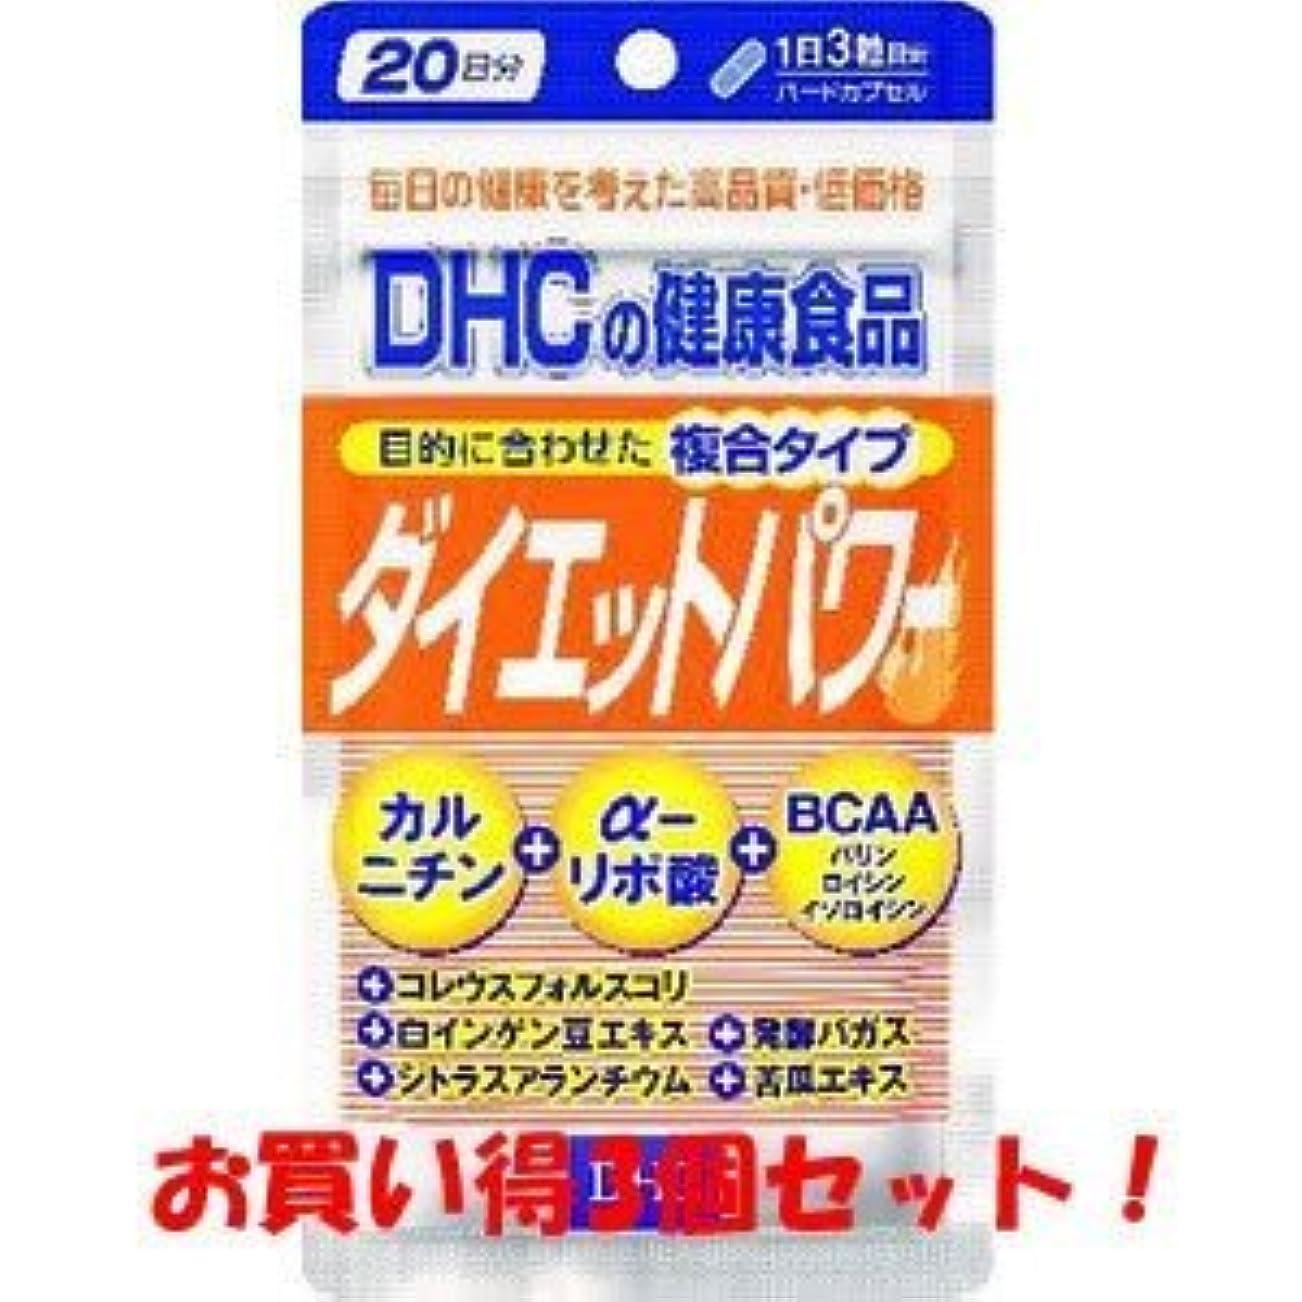 罪人文句を言う上流のDHC ダイエットパワー20日分 60粒(お買い得3個セット)